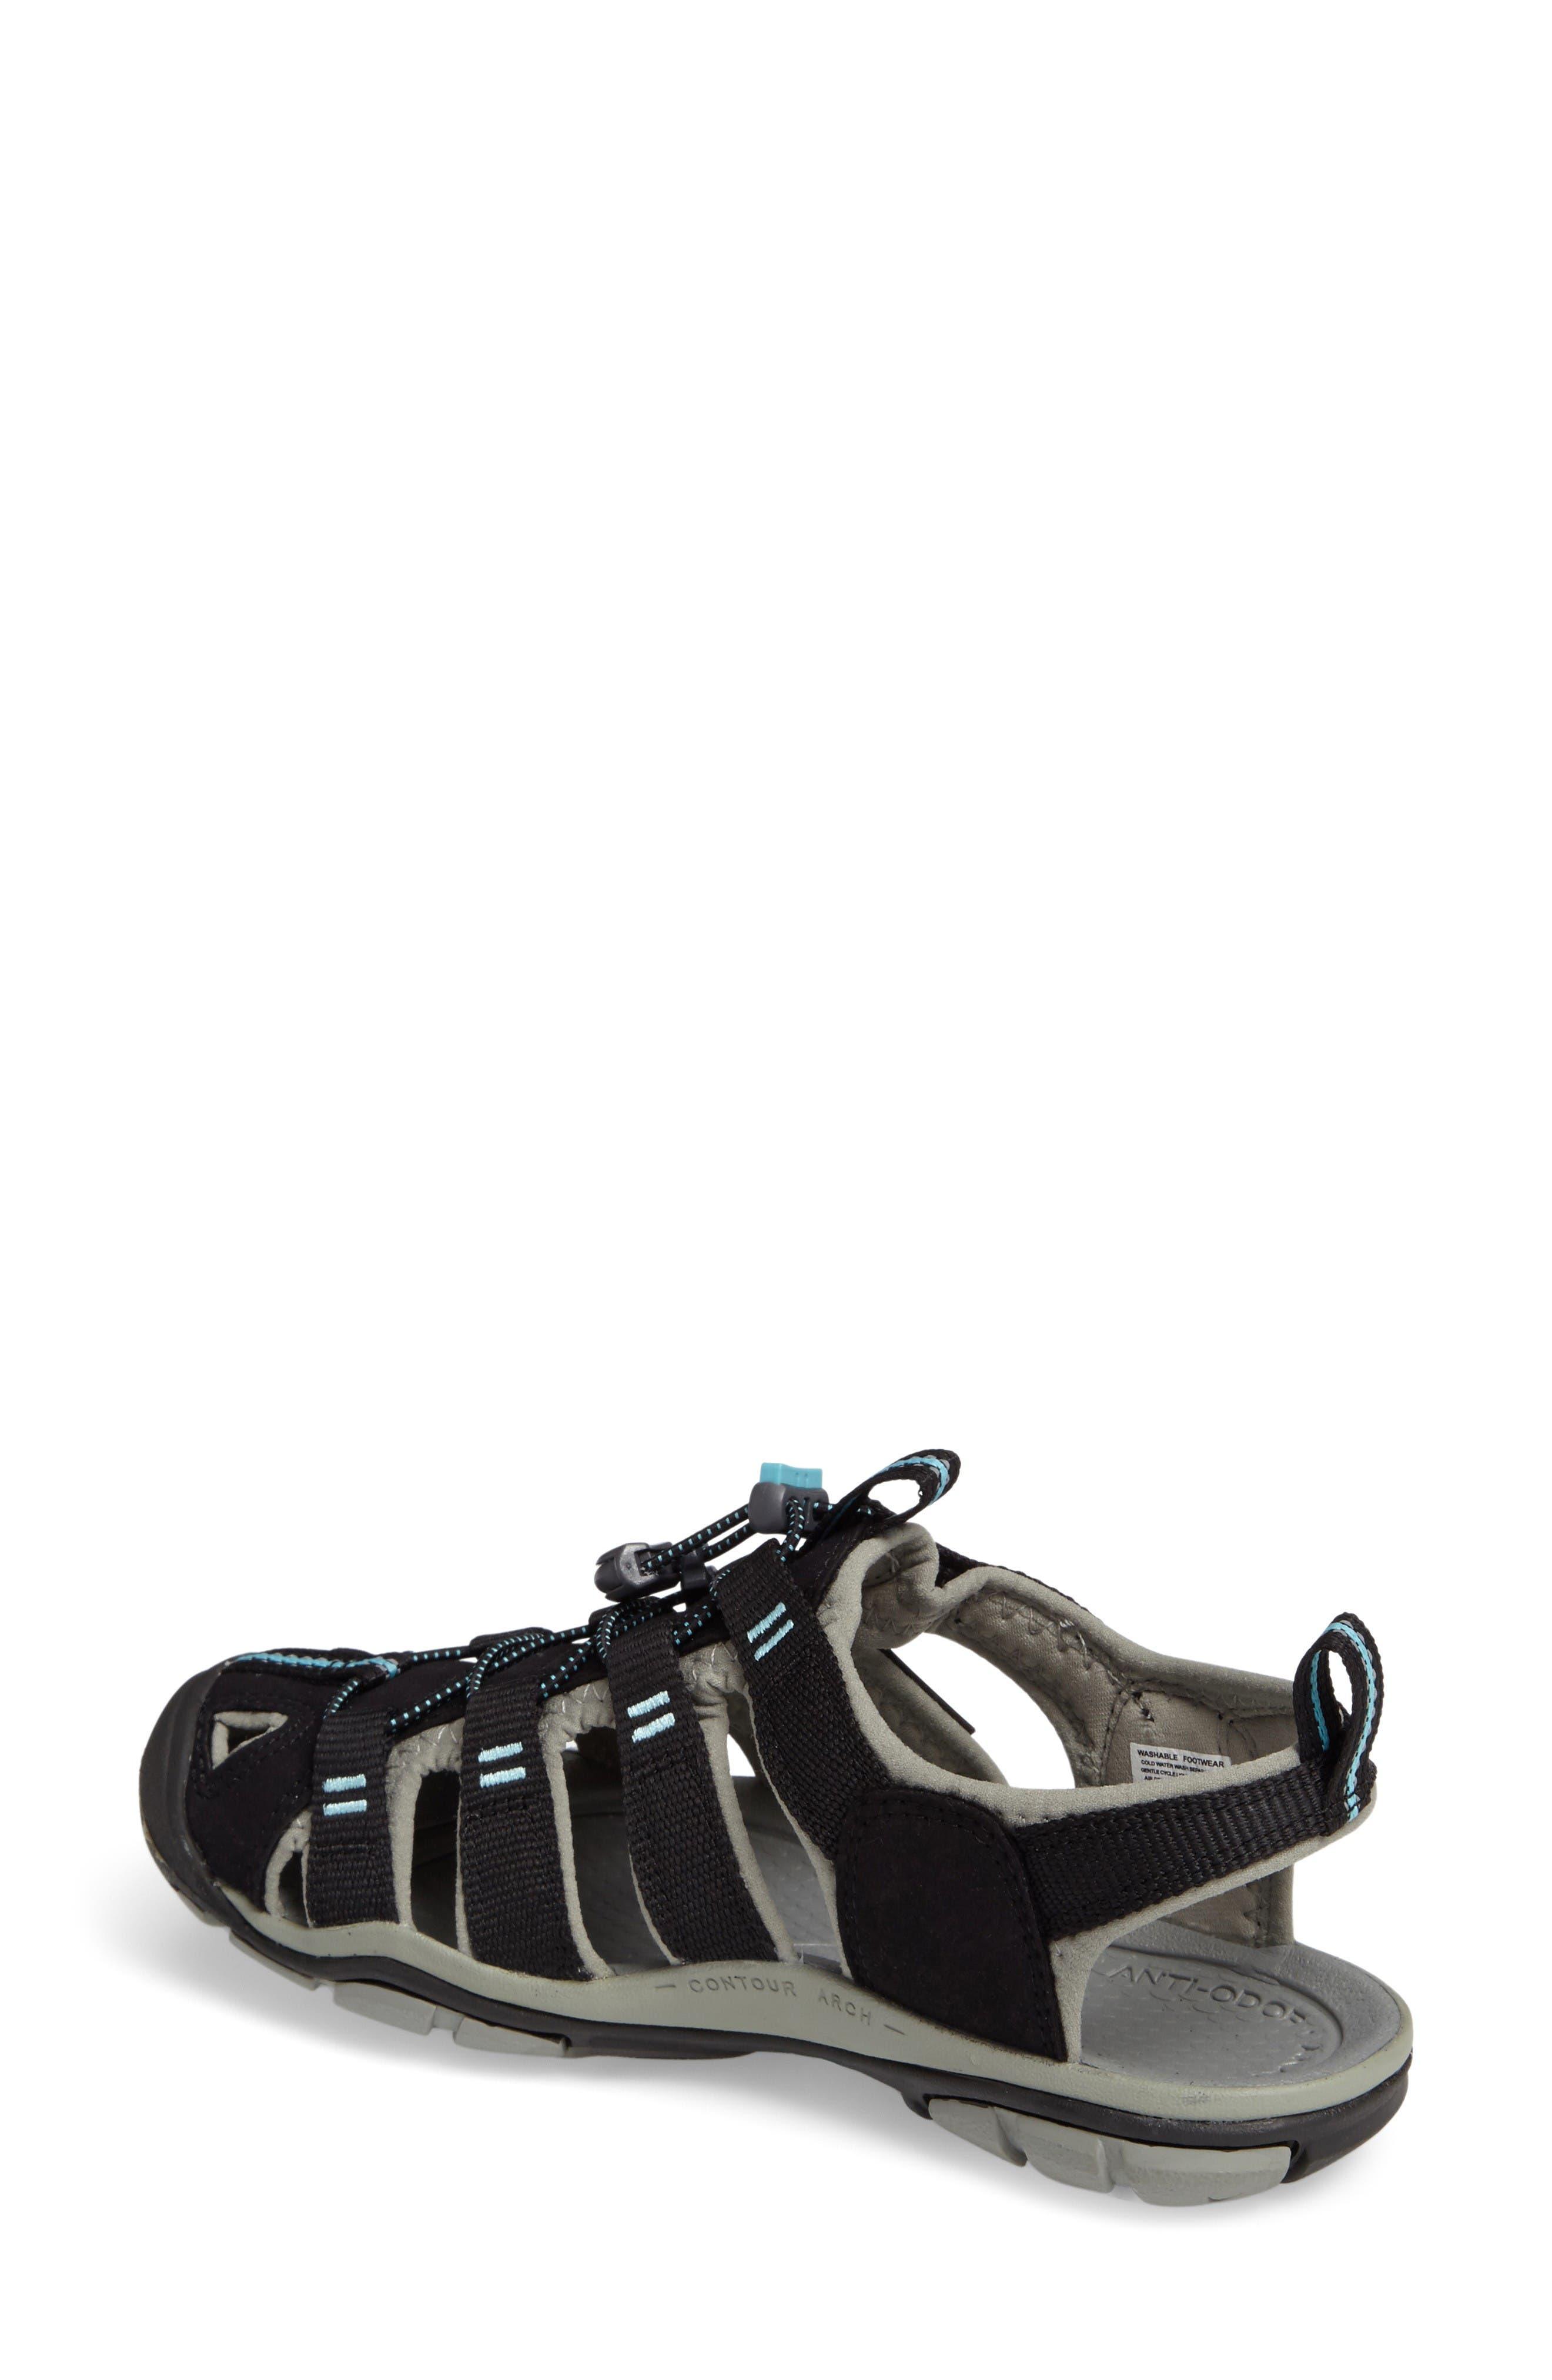 Women s Keen Sandals